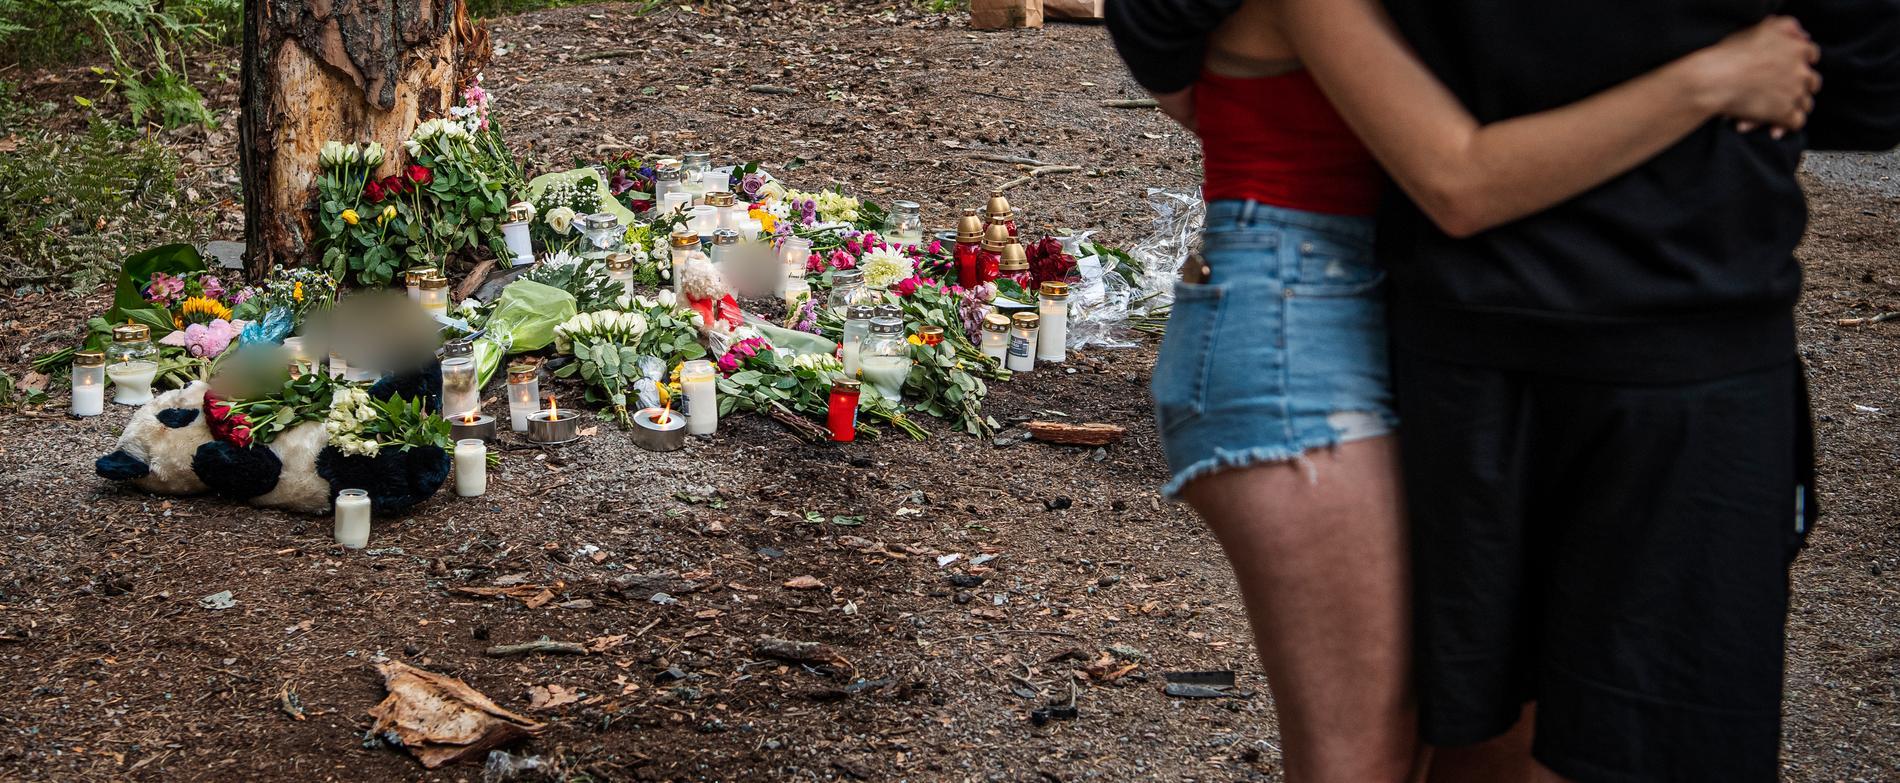 Blommor och ljus på en minnesplats för kvinnan som dog.